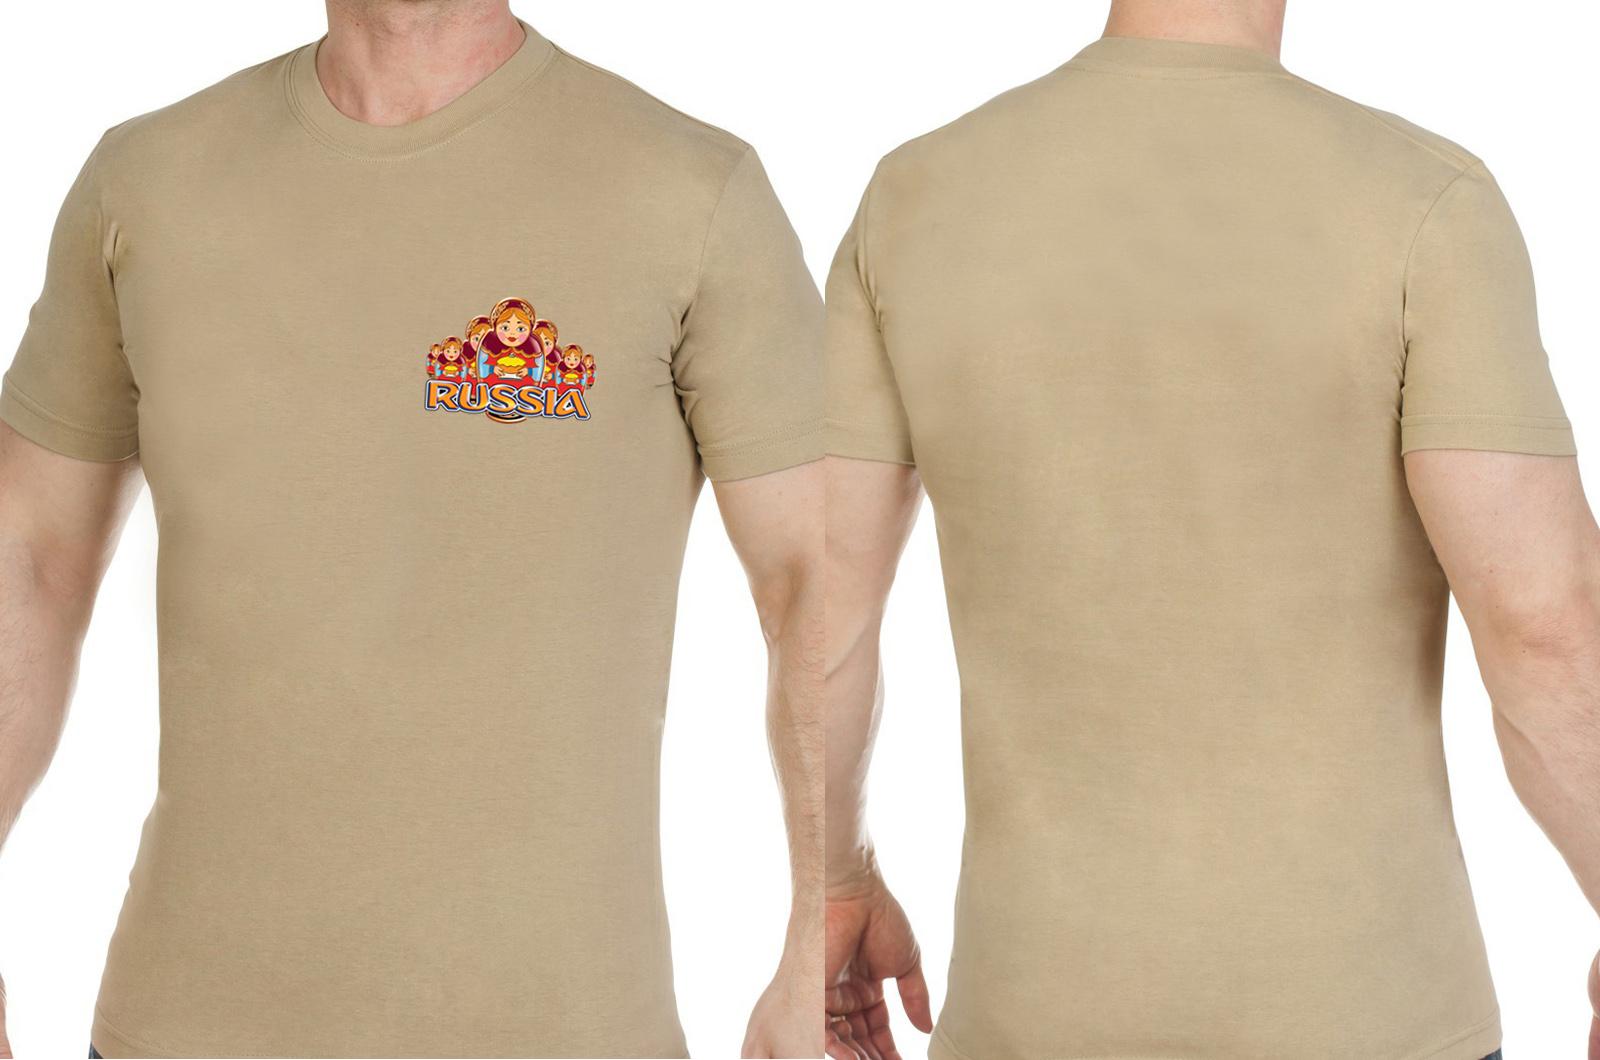 Трендовая хлопковая футболка Россия - заказать выгодно